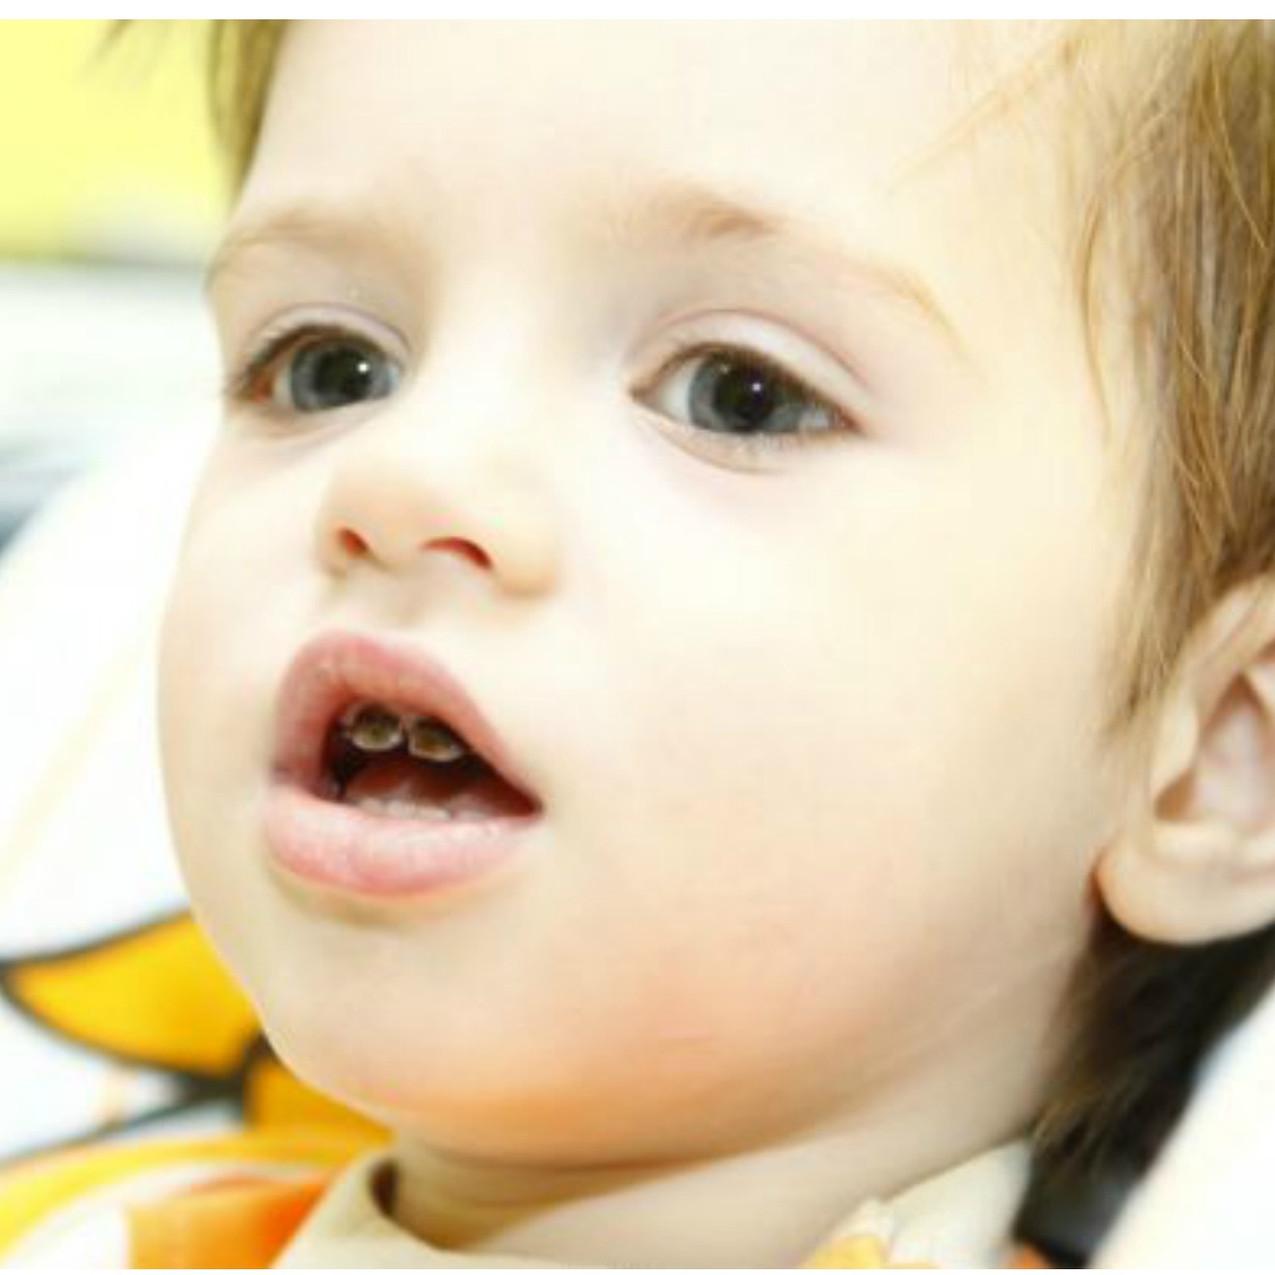 мальчик-с-посеребреными-зубами